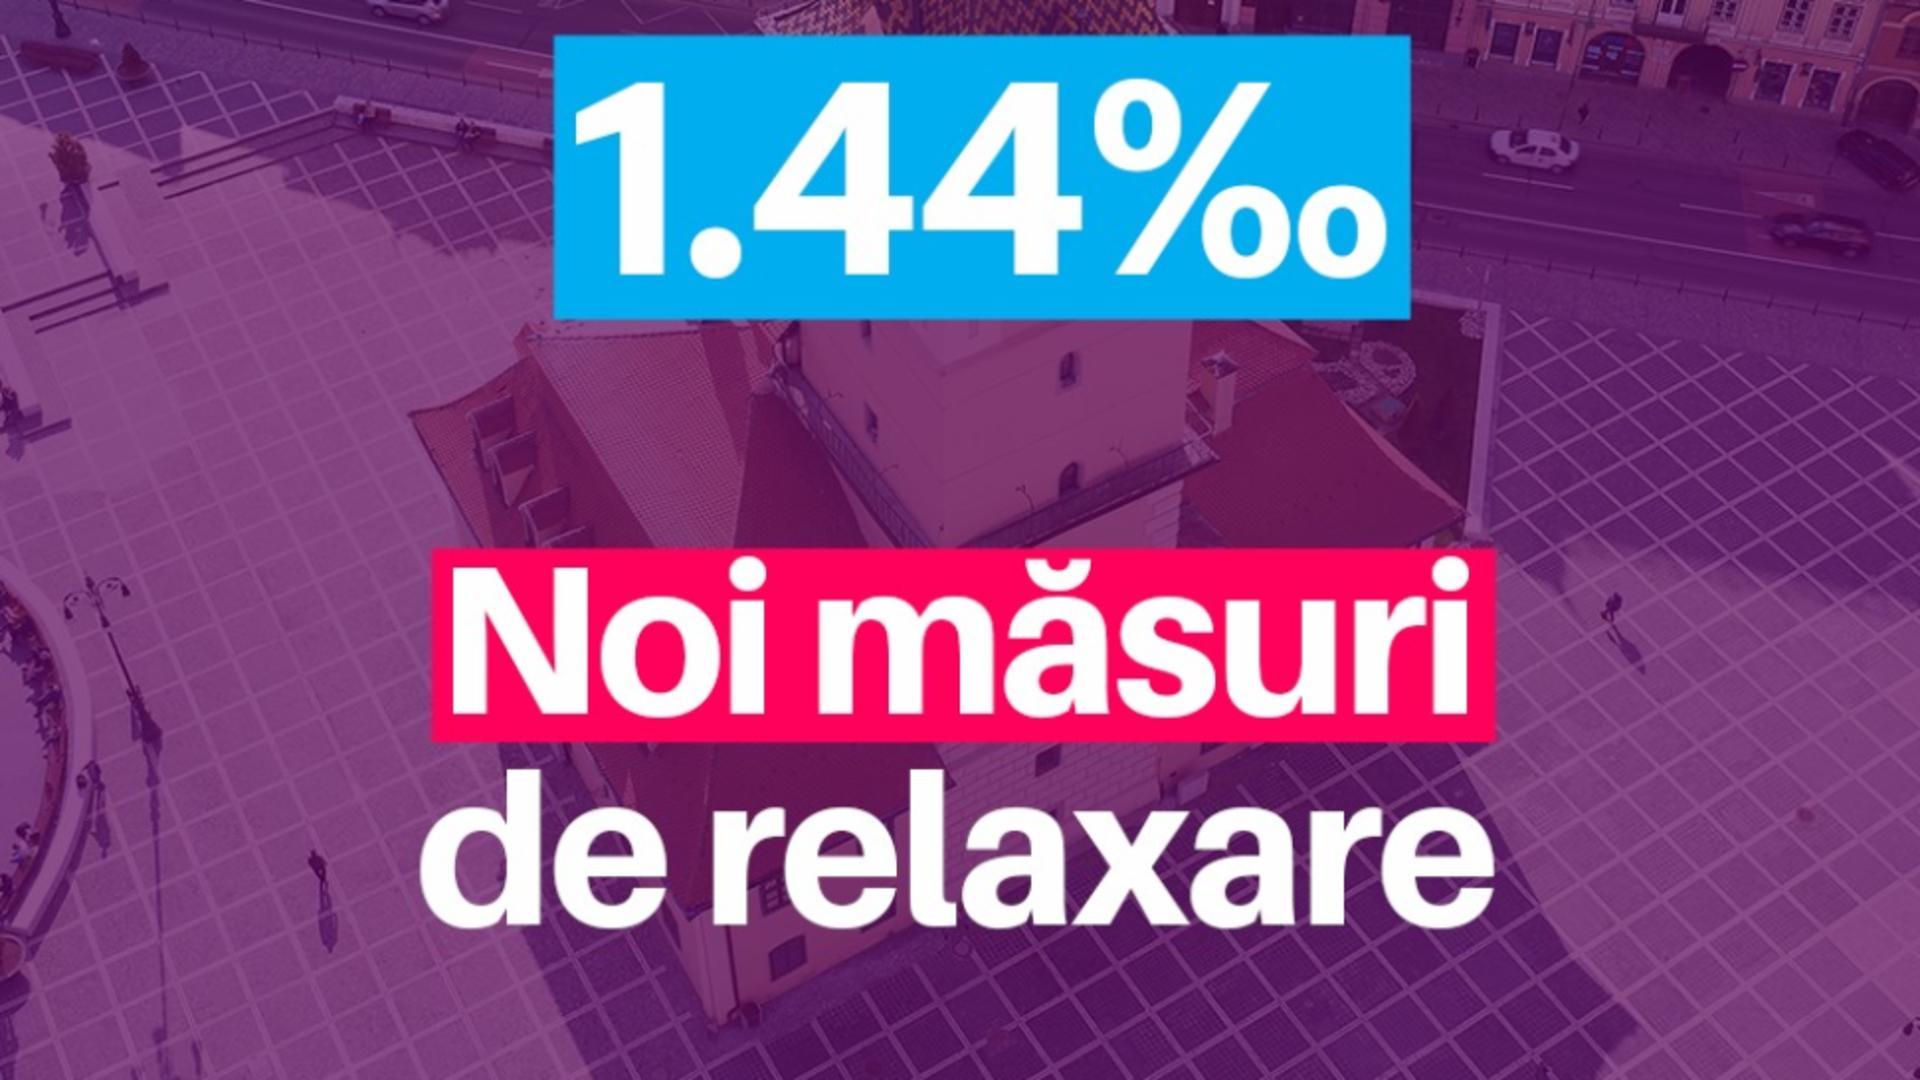 Noi măsuri de relaxare Brașov